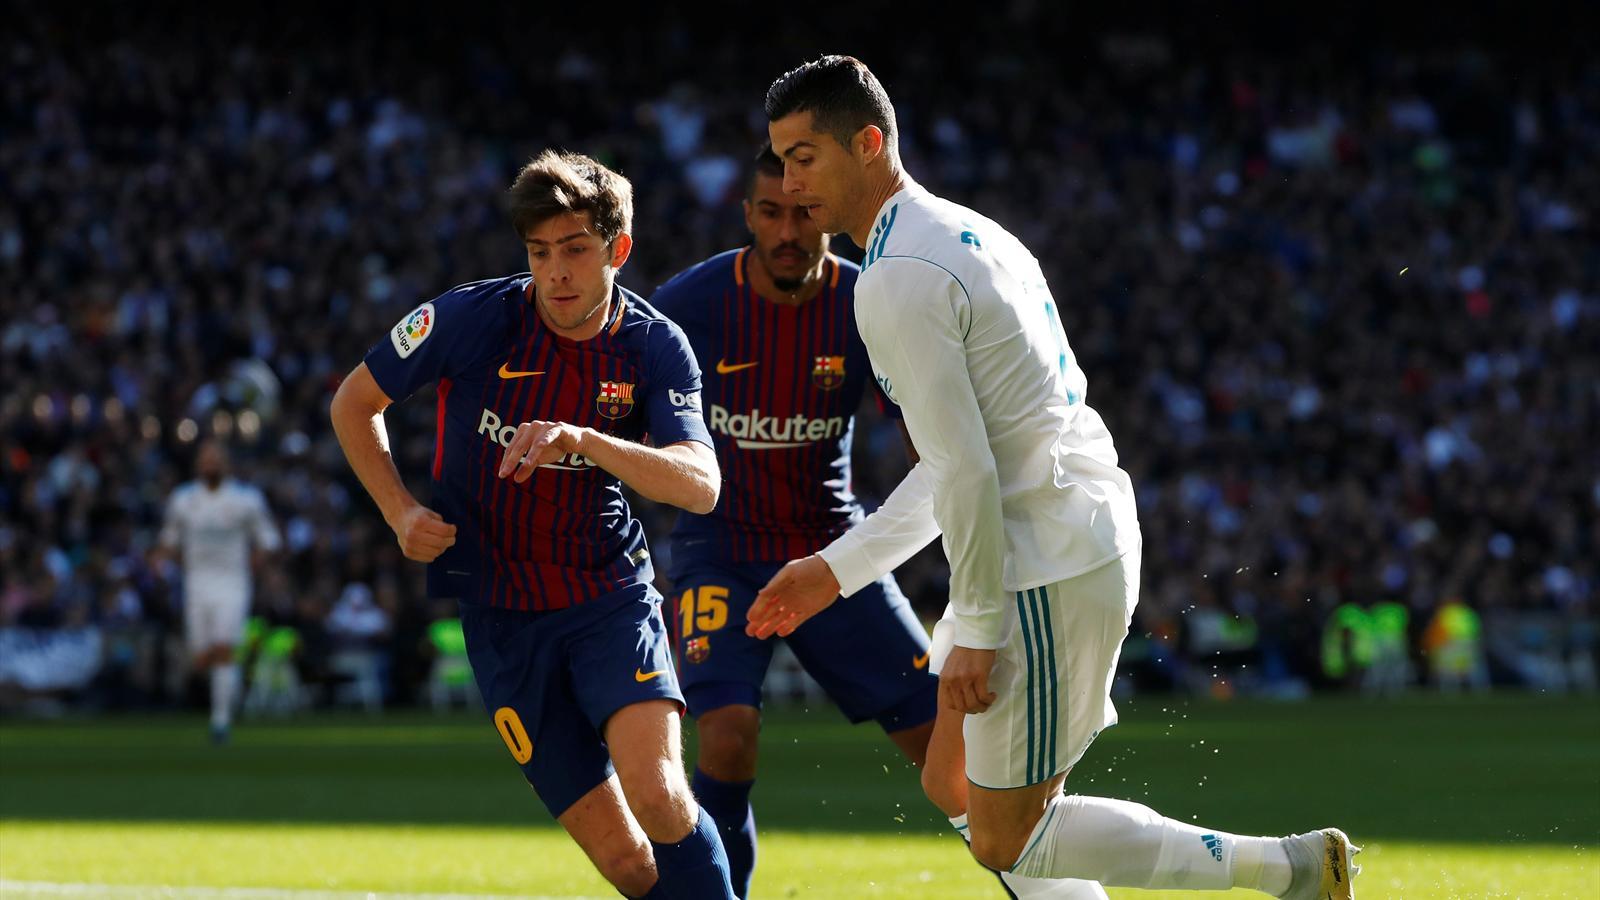 Barcelona edge Real Madrid on TV income - Liga 2017-2018